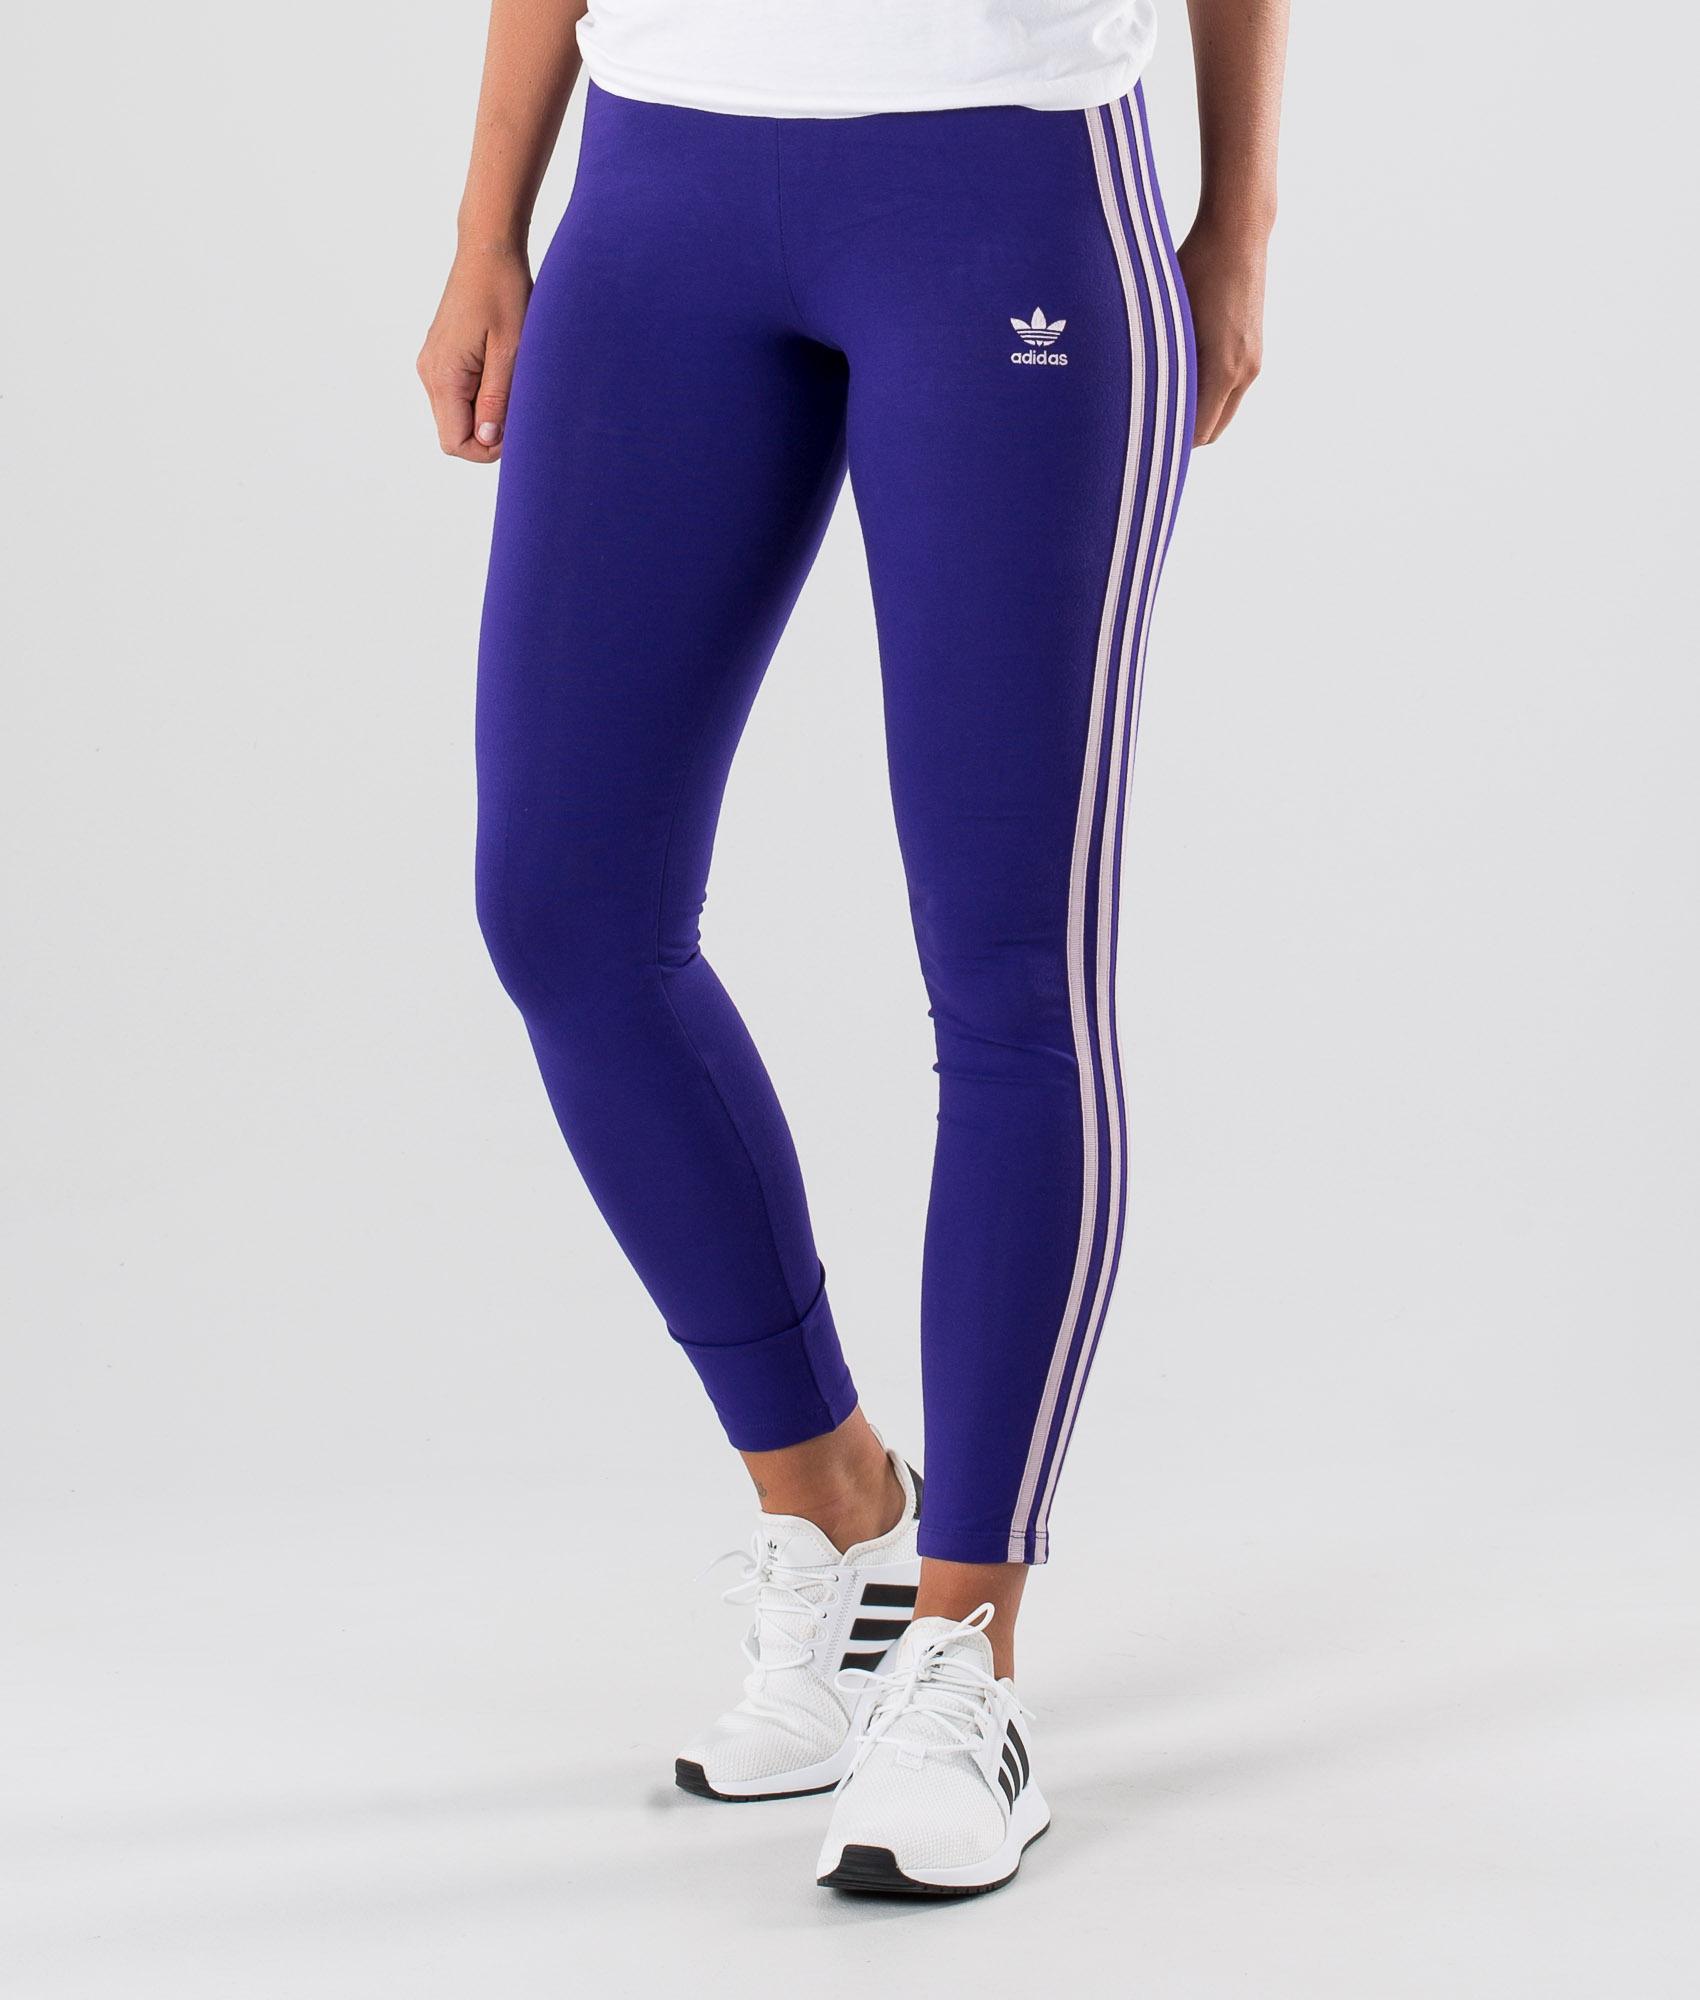 Adidas Originals 3 Stripes Tight Leggings Collegiate Purple